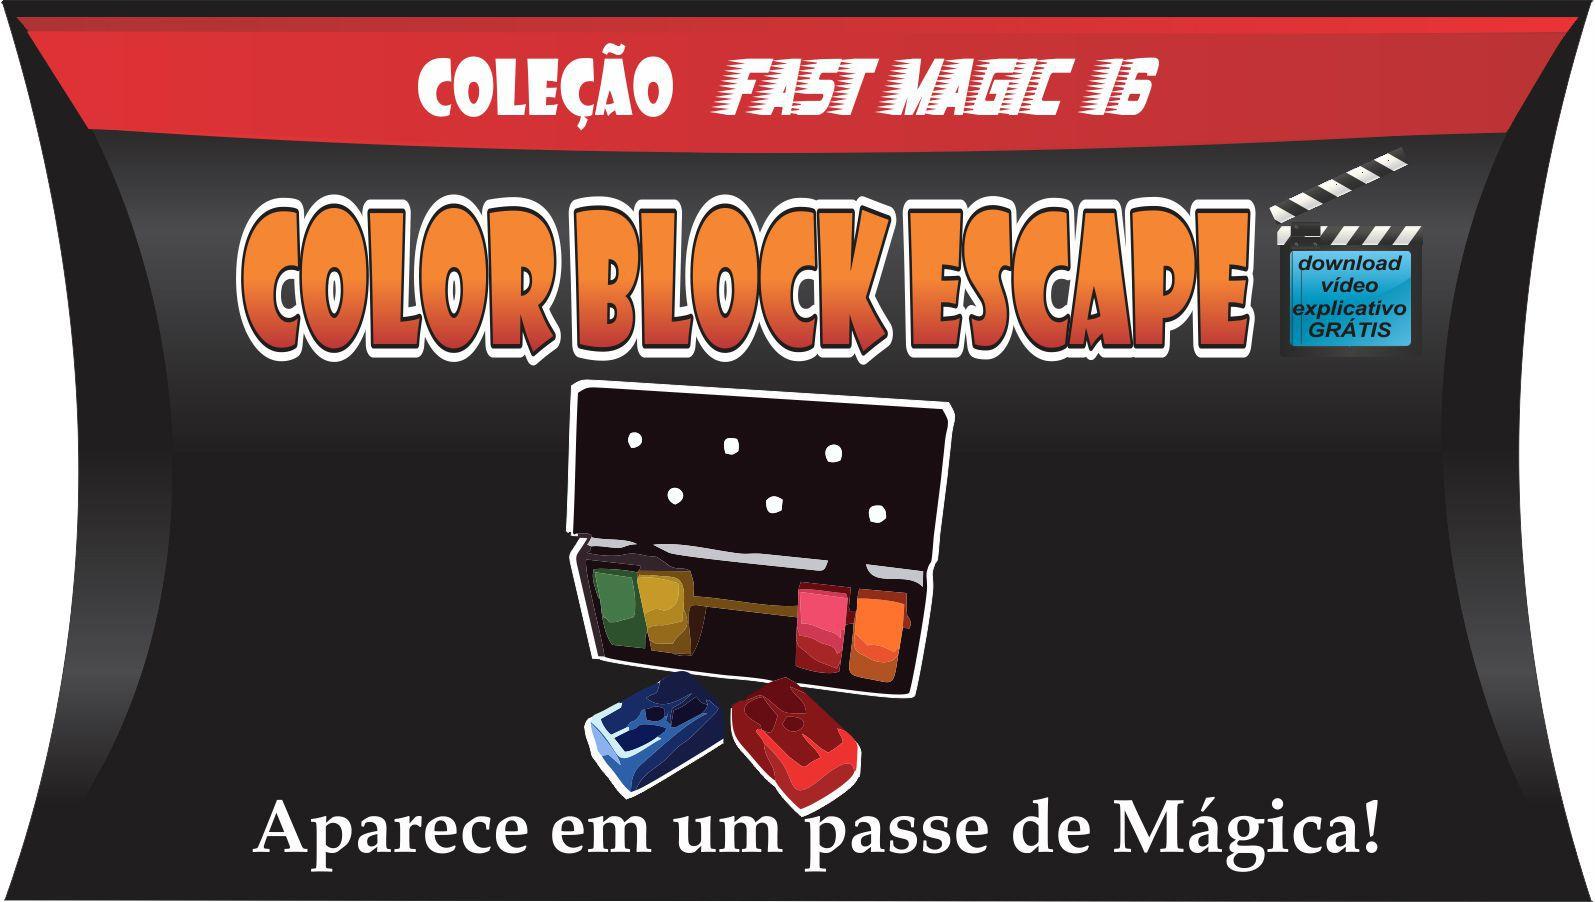 Magical Color Block Escape - Coleção Fast Magic N 16 R+